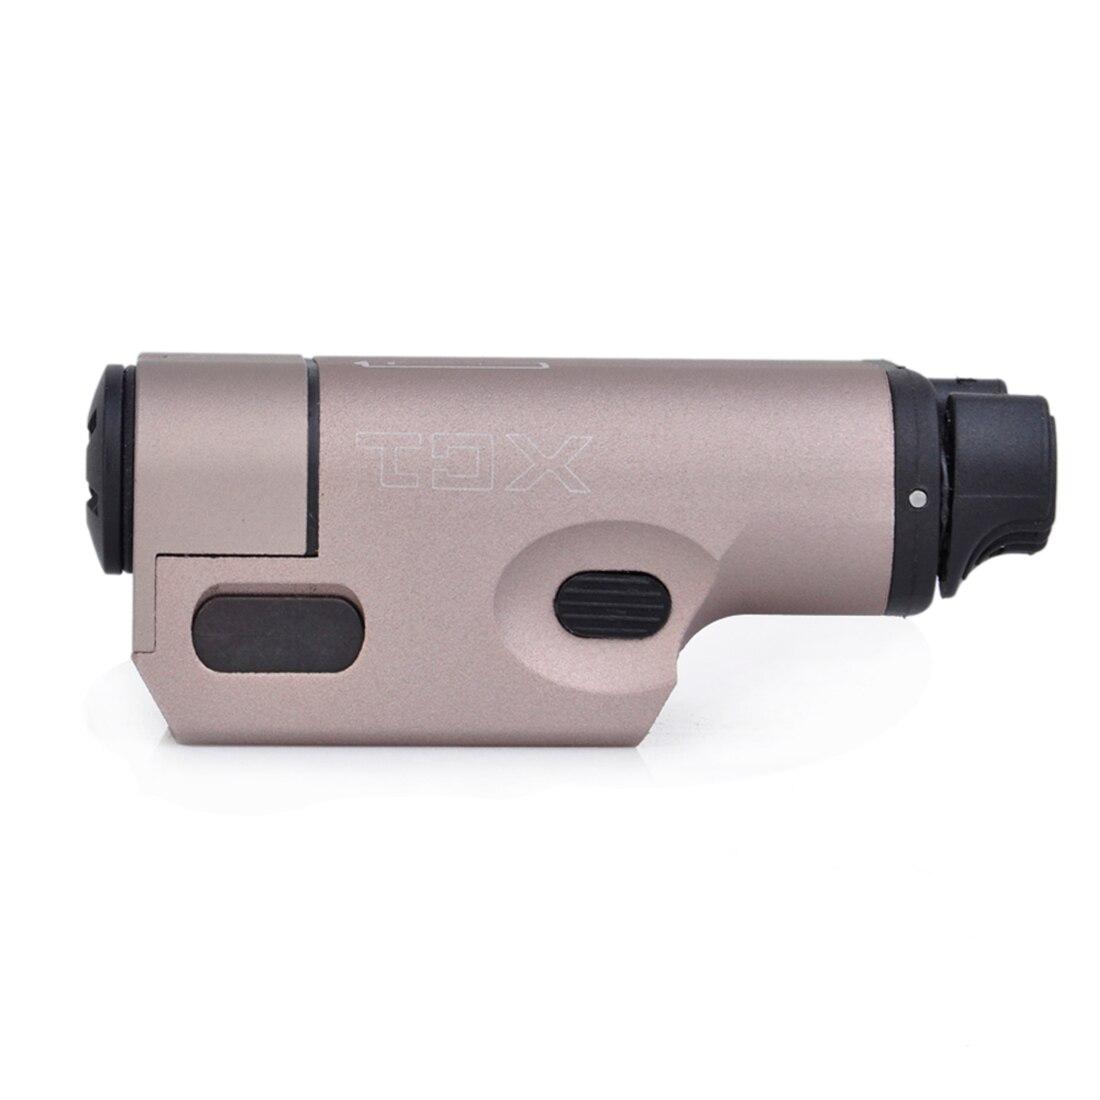 NFSTRIKE tactique XC1 pistolet lampe de poche arme lumière lampe de poche Glock SF XC1 Ultra Compact pistolet lumière pour Nerf jouet pistolet jeux